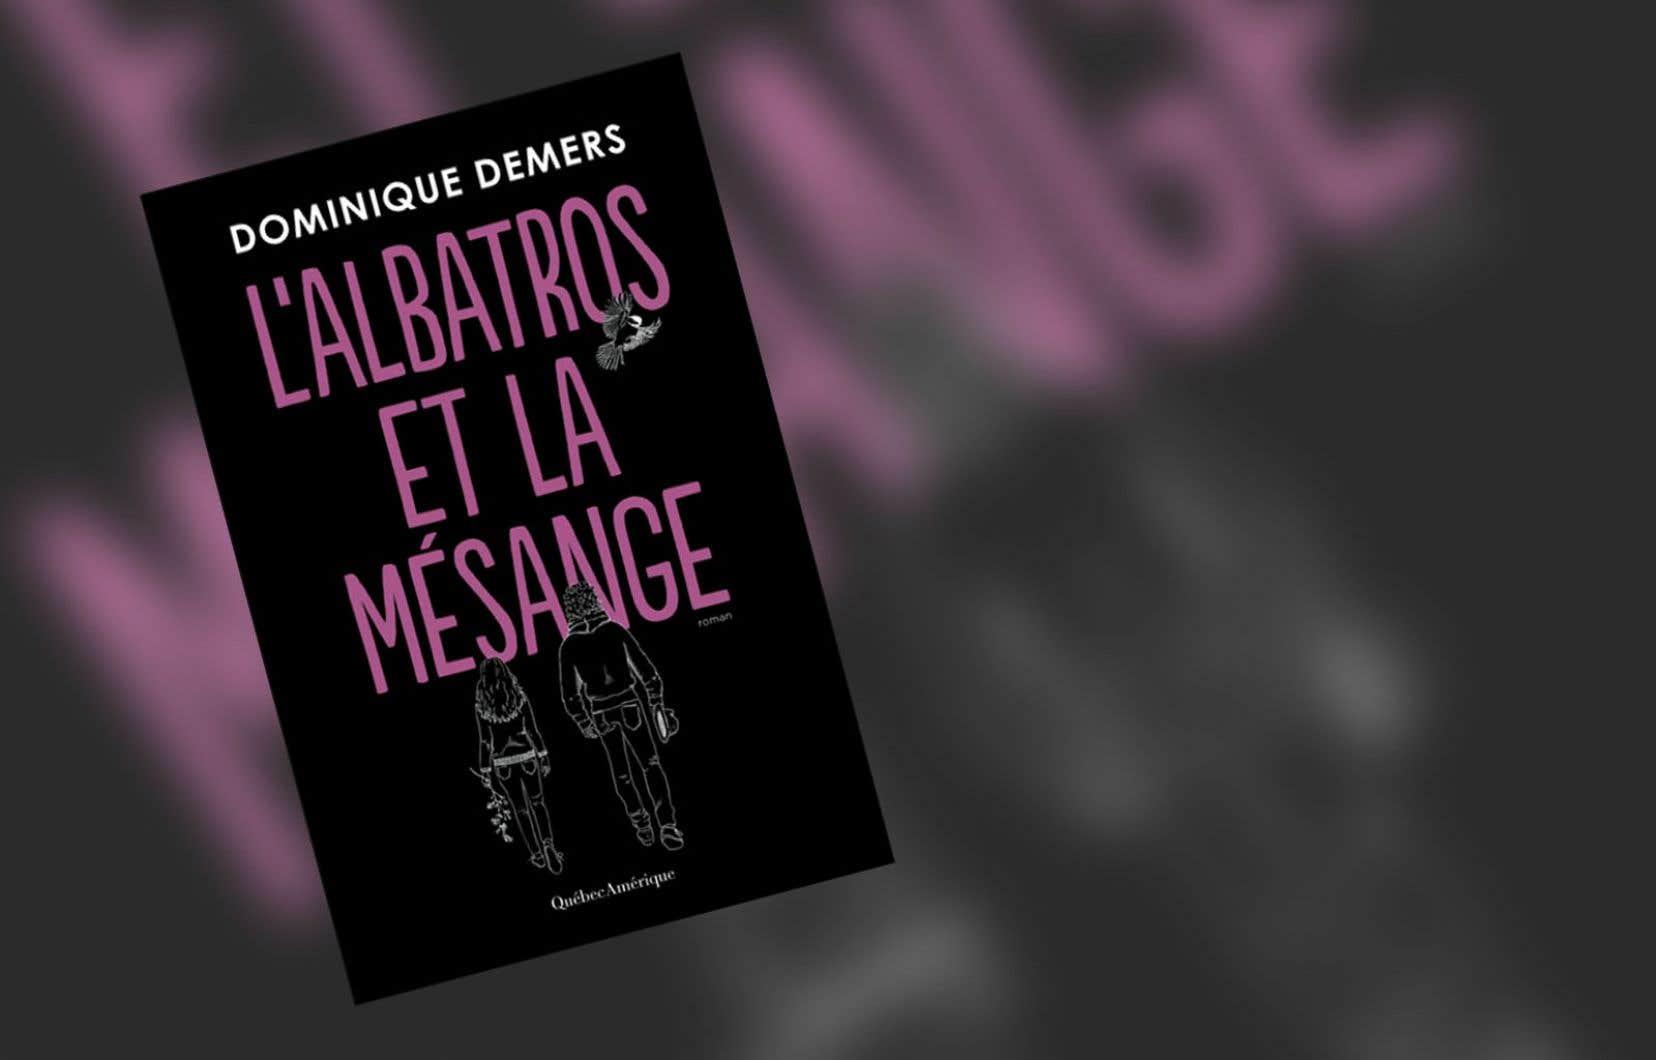 Le nouveau roman de Dominique Demers, «L'albatros et la mésange», présente deux adolescents de 17ans qui, fidèles à ce passage existentiel plus ou moins laborieux, bouillonnent de questionnements sur la vie, la mort, l'amour, les croyances…